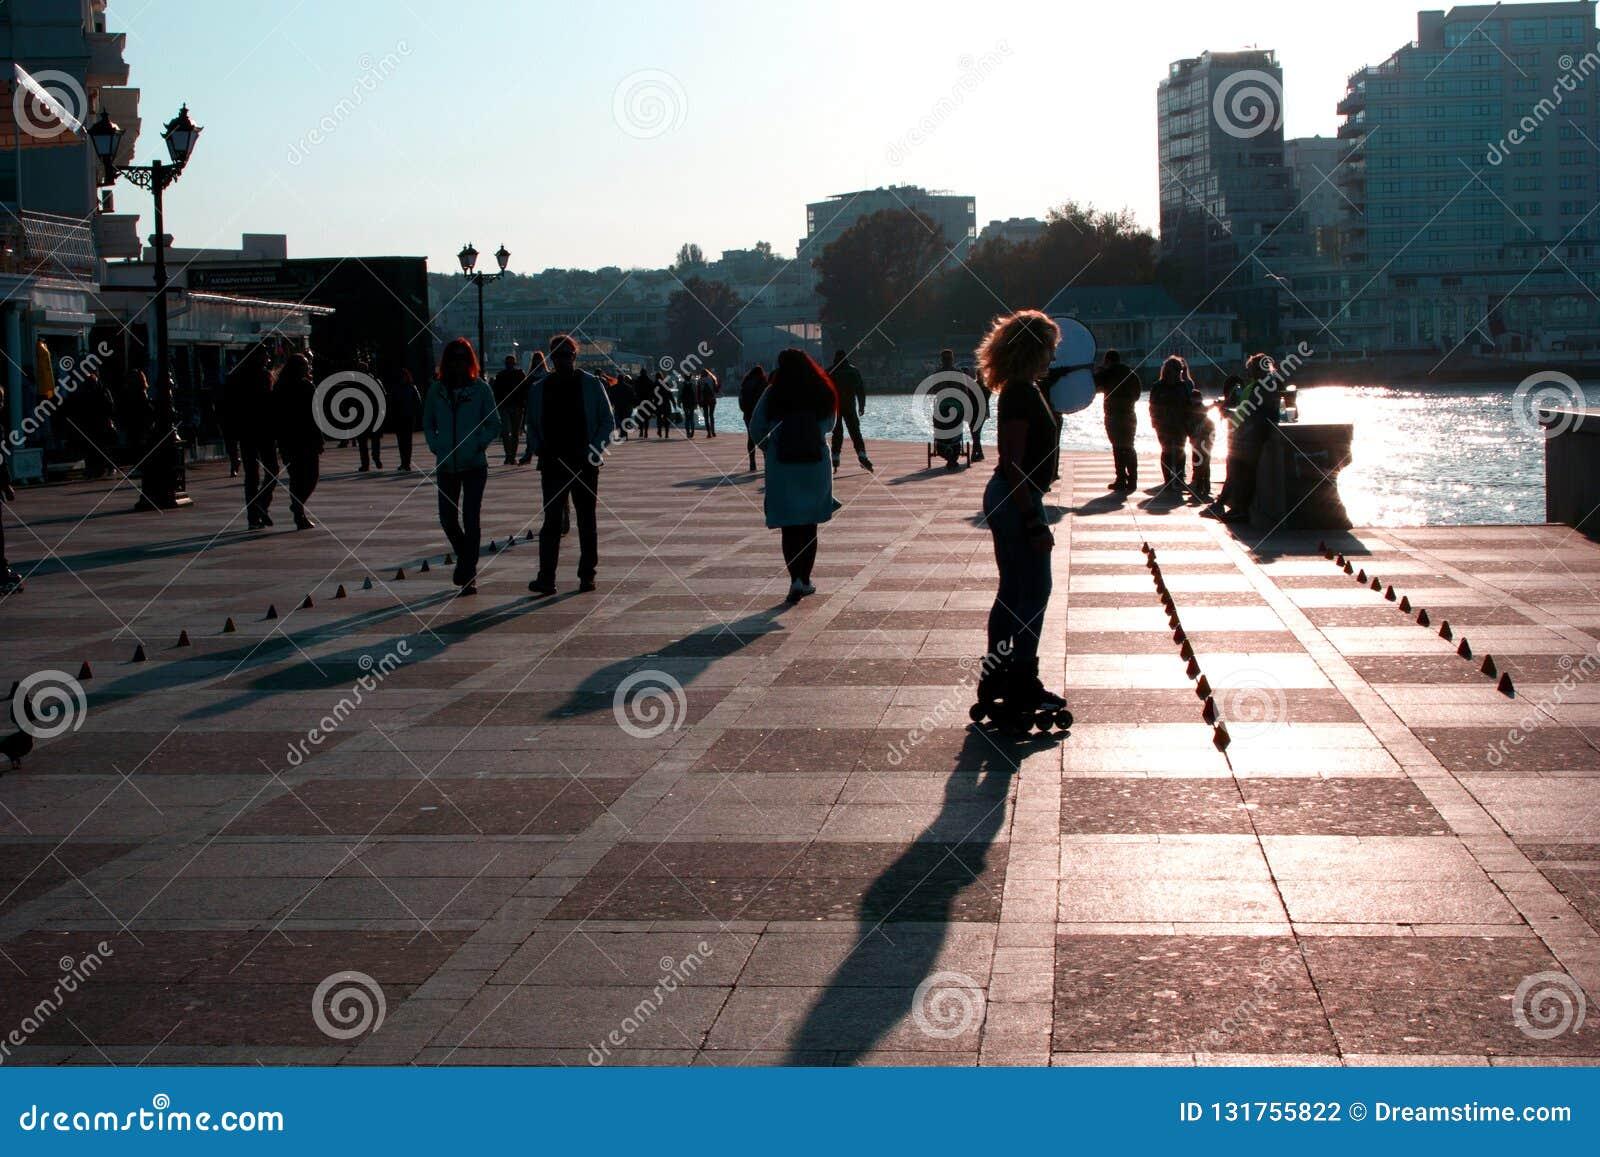 Οι άνθρωποι περπατούν κατά μήκος του περιπάτου στην πόλη θάλασσας στο ηλιοβασίλεμα